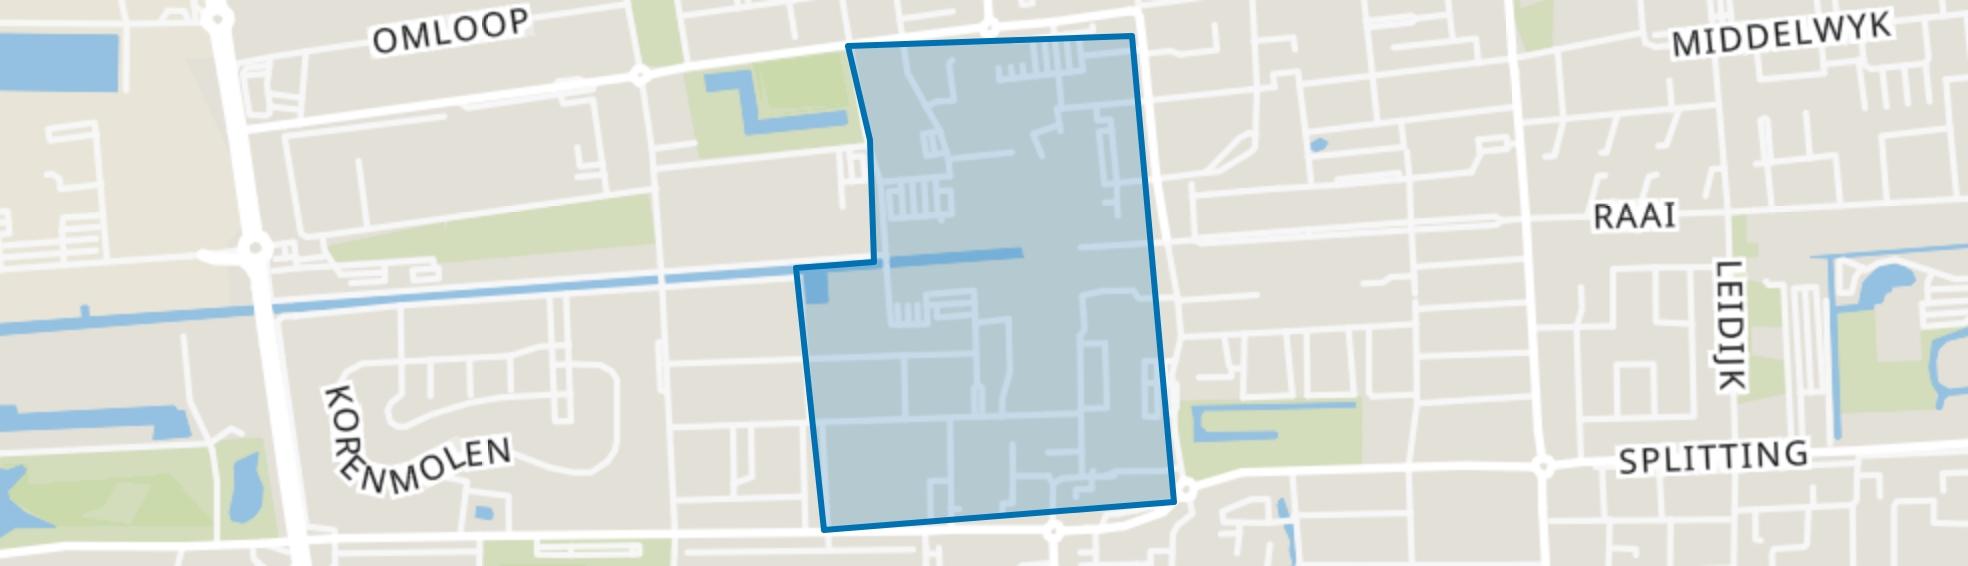 Centrum, Drachten map